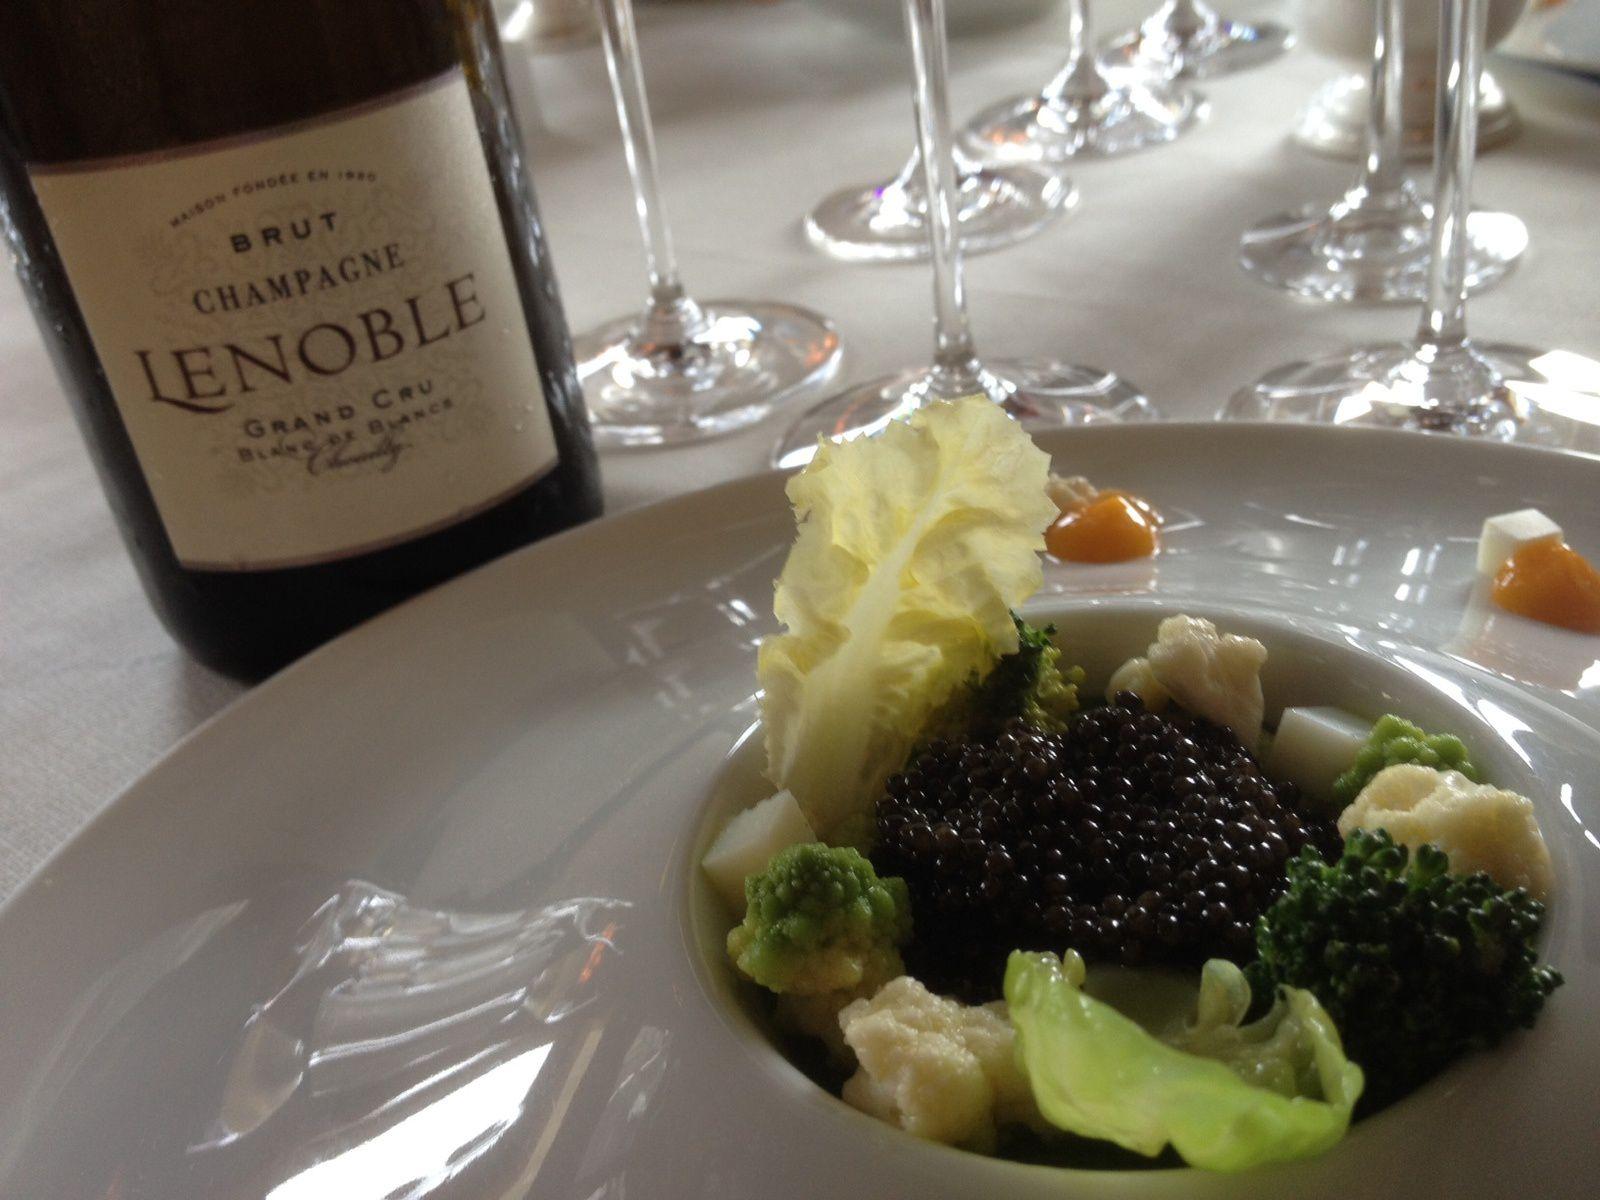 Petites lampées de champagnes Lenoble à la Tour d'Argent...